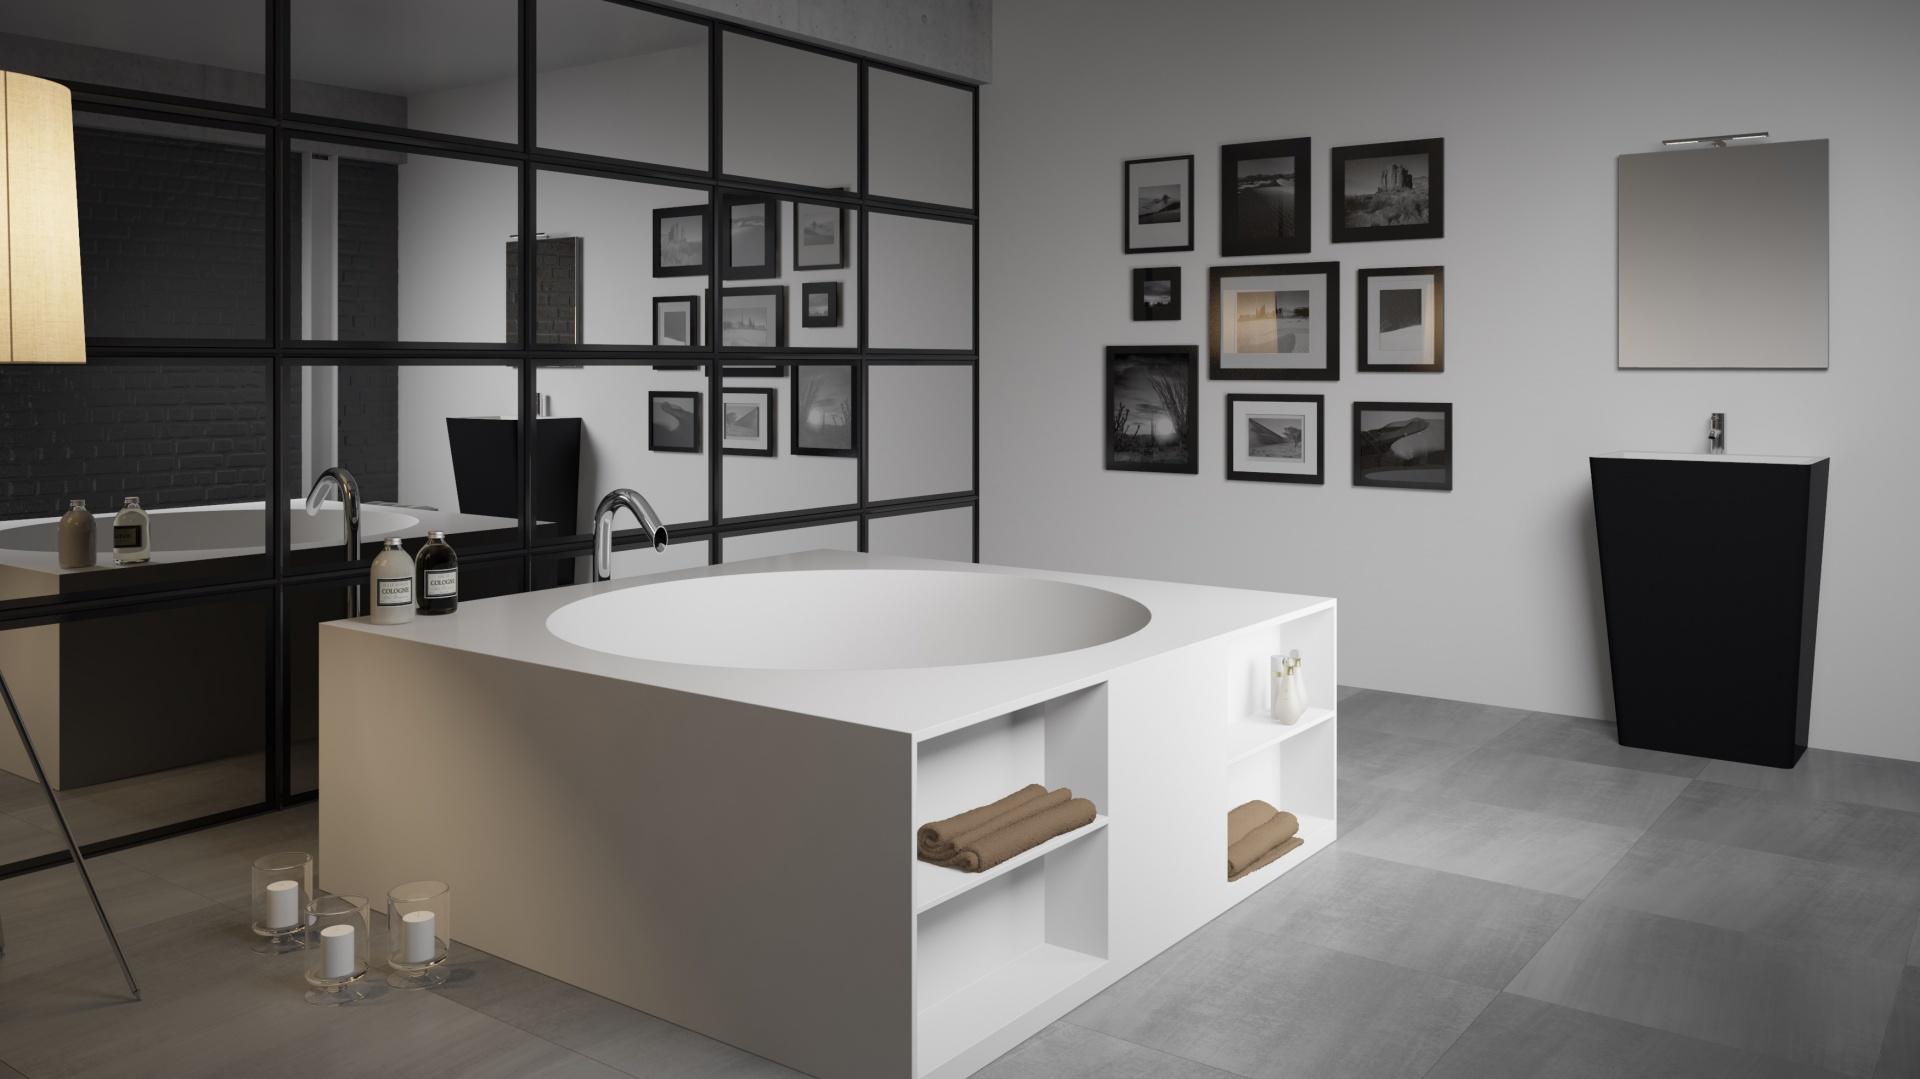 Wanna Tarragona z serii Solid Surface, wymiary 170x170 cm, umywalka wolnostojąca Dijon z serii Solid Surface, wymiary 60x44 cm, w kolorze czarnym (możliwy dowolny inny kolor). Fot. Riho.